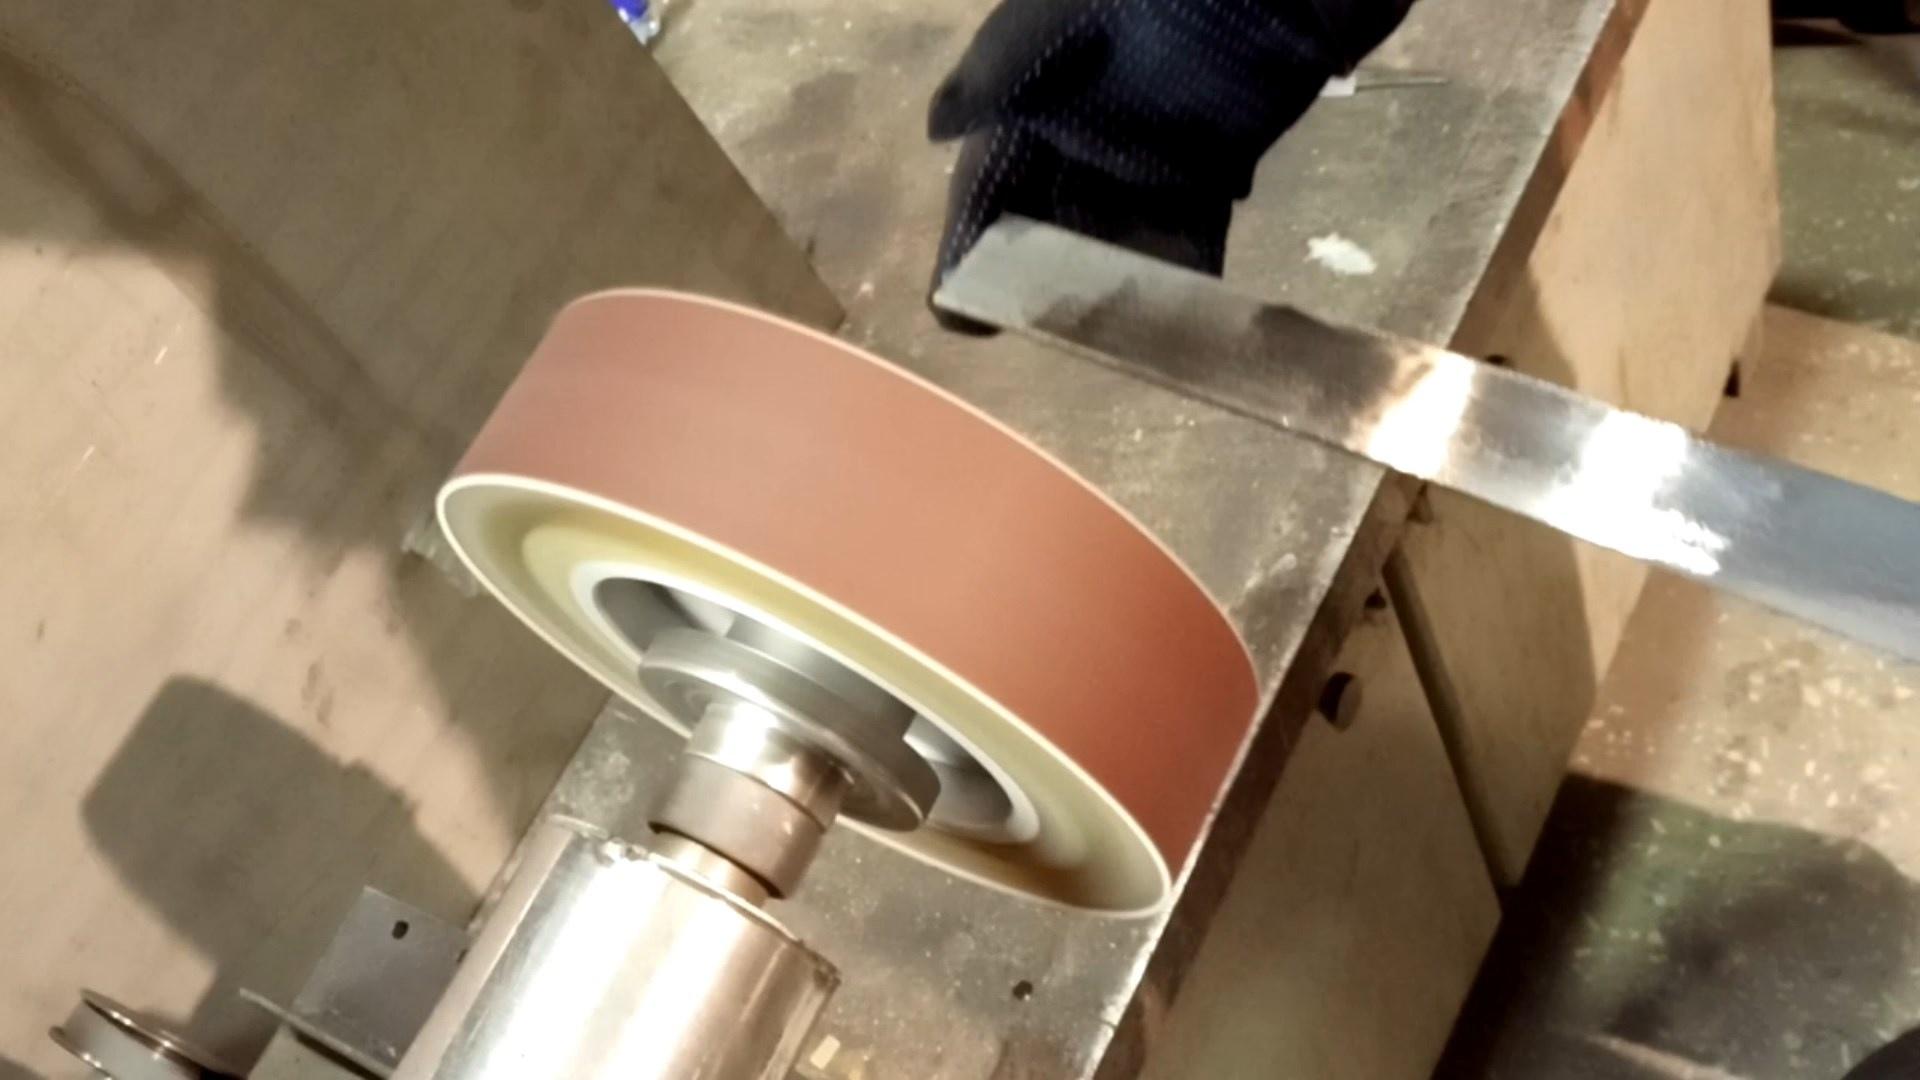 Шлифовка Сталь 95 Х 18    Можно шлифовать заготовки металла. Точить стамески. Обрабатывать металл любой твердости.